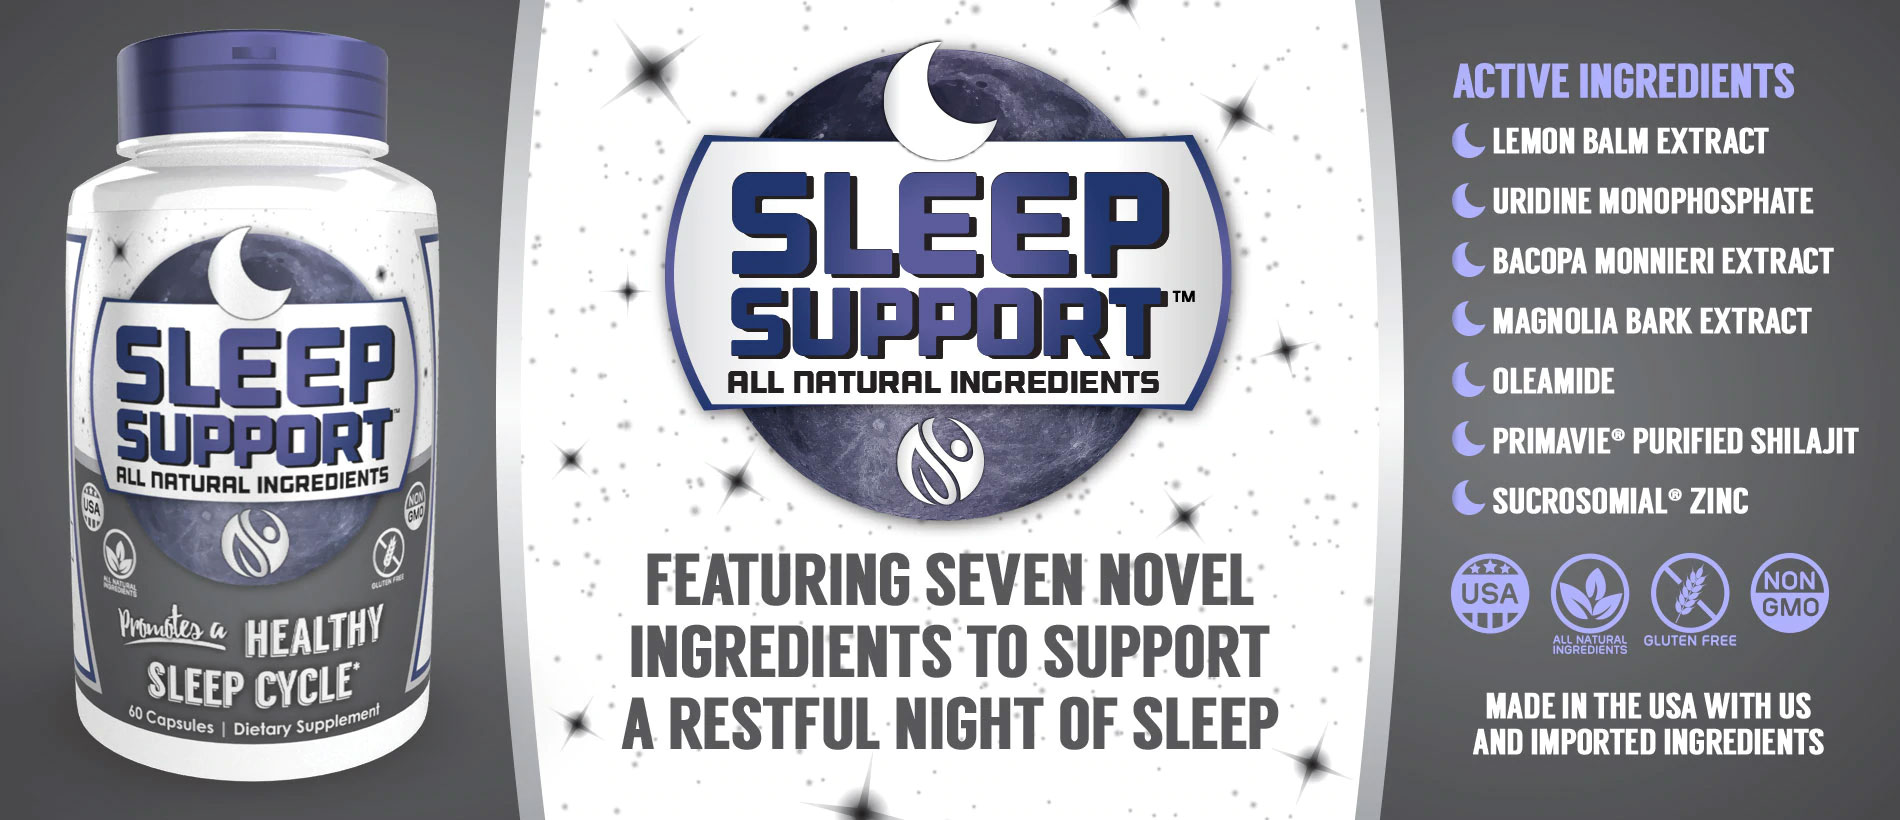 sleepsupportslider-1900x820-2.jpg